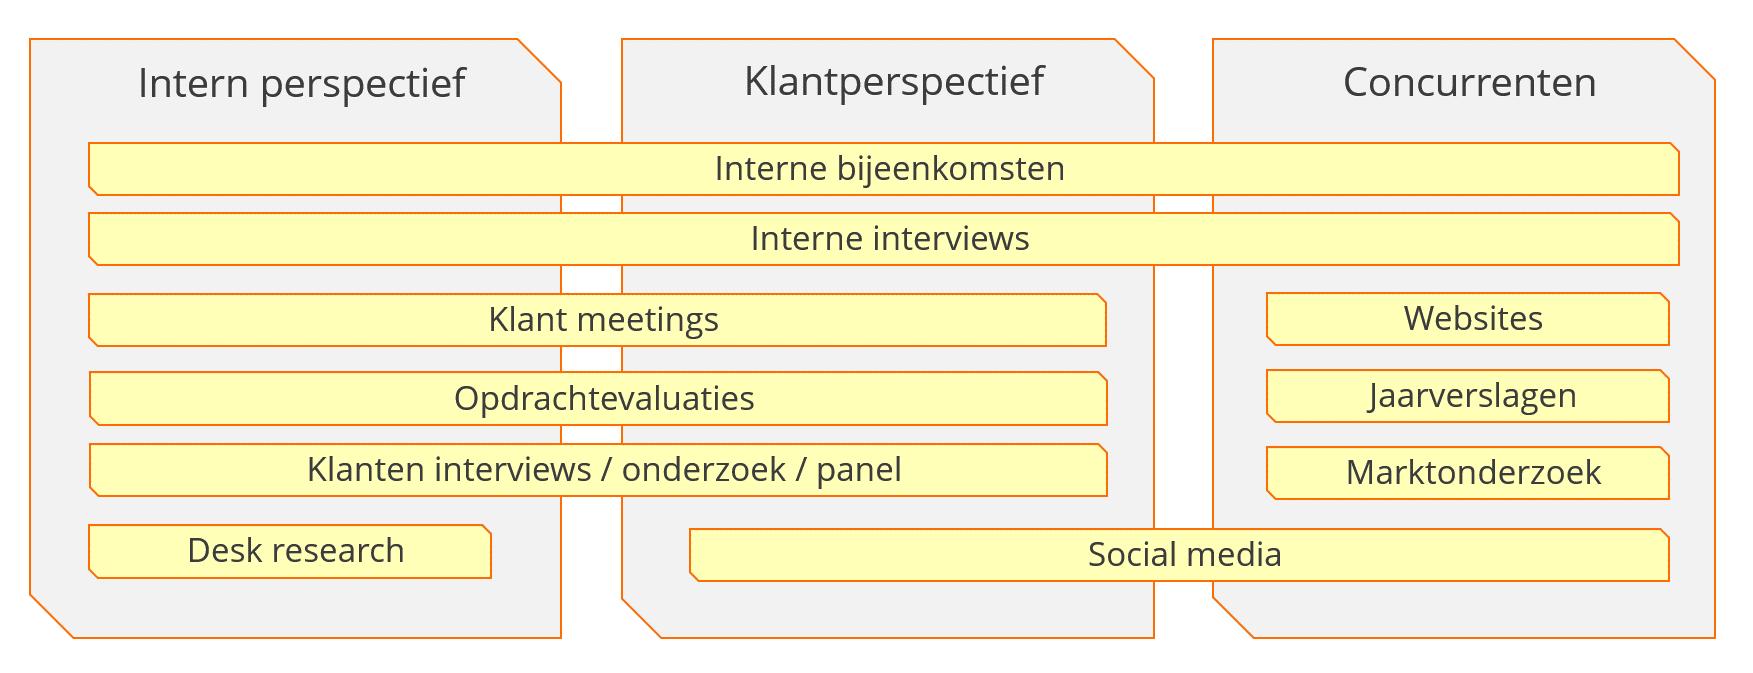 Informatiebronnen over het interne-, klanten- en concurrentenperspectief